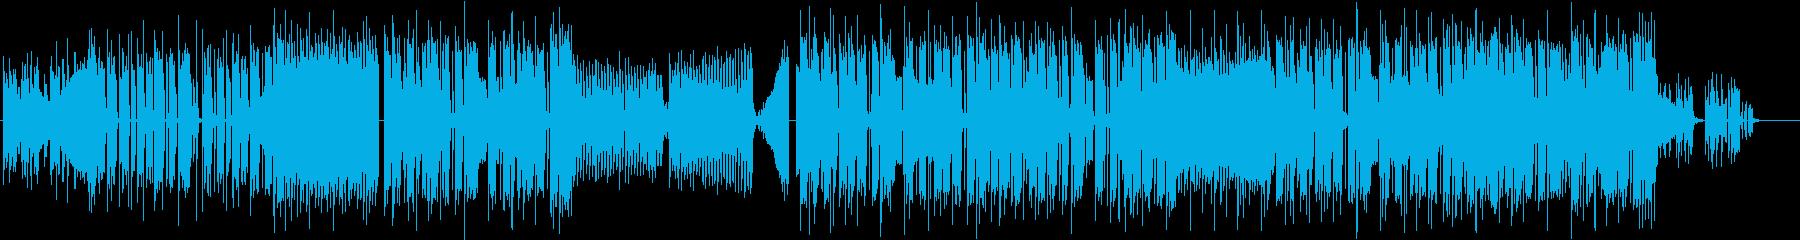 ポップなFuture Bass,EDMの再生済みの波形